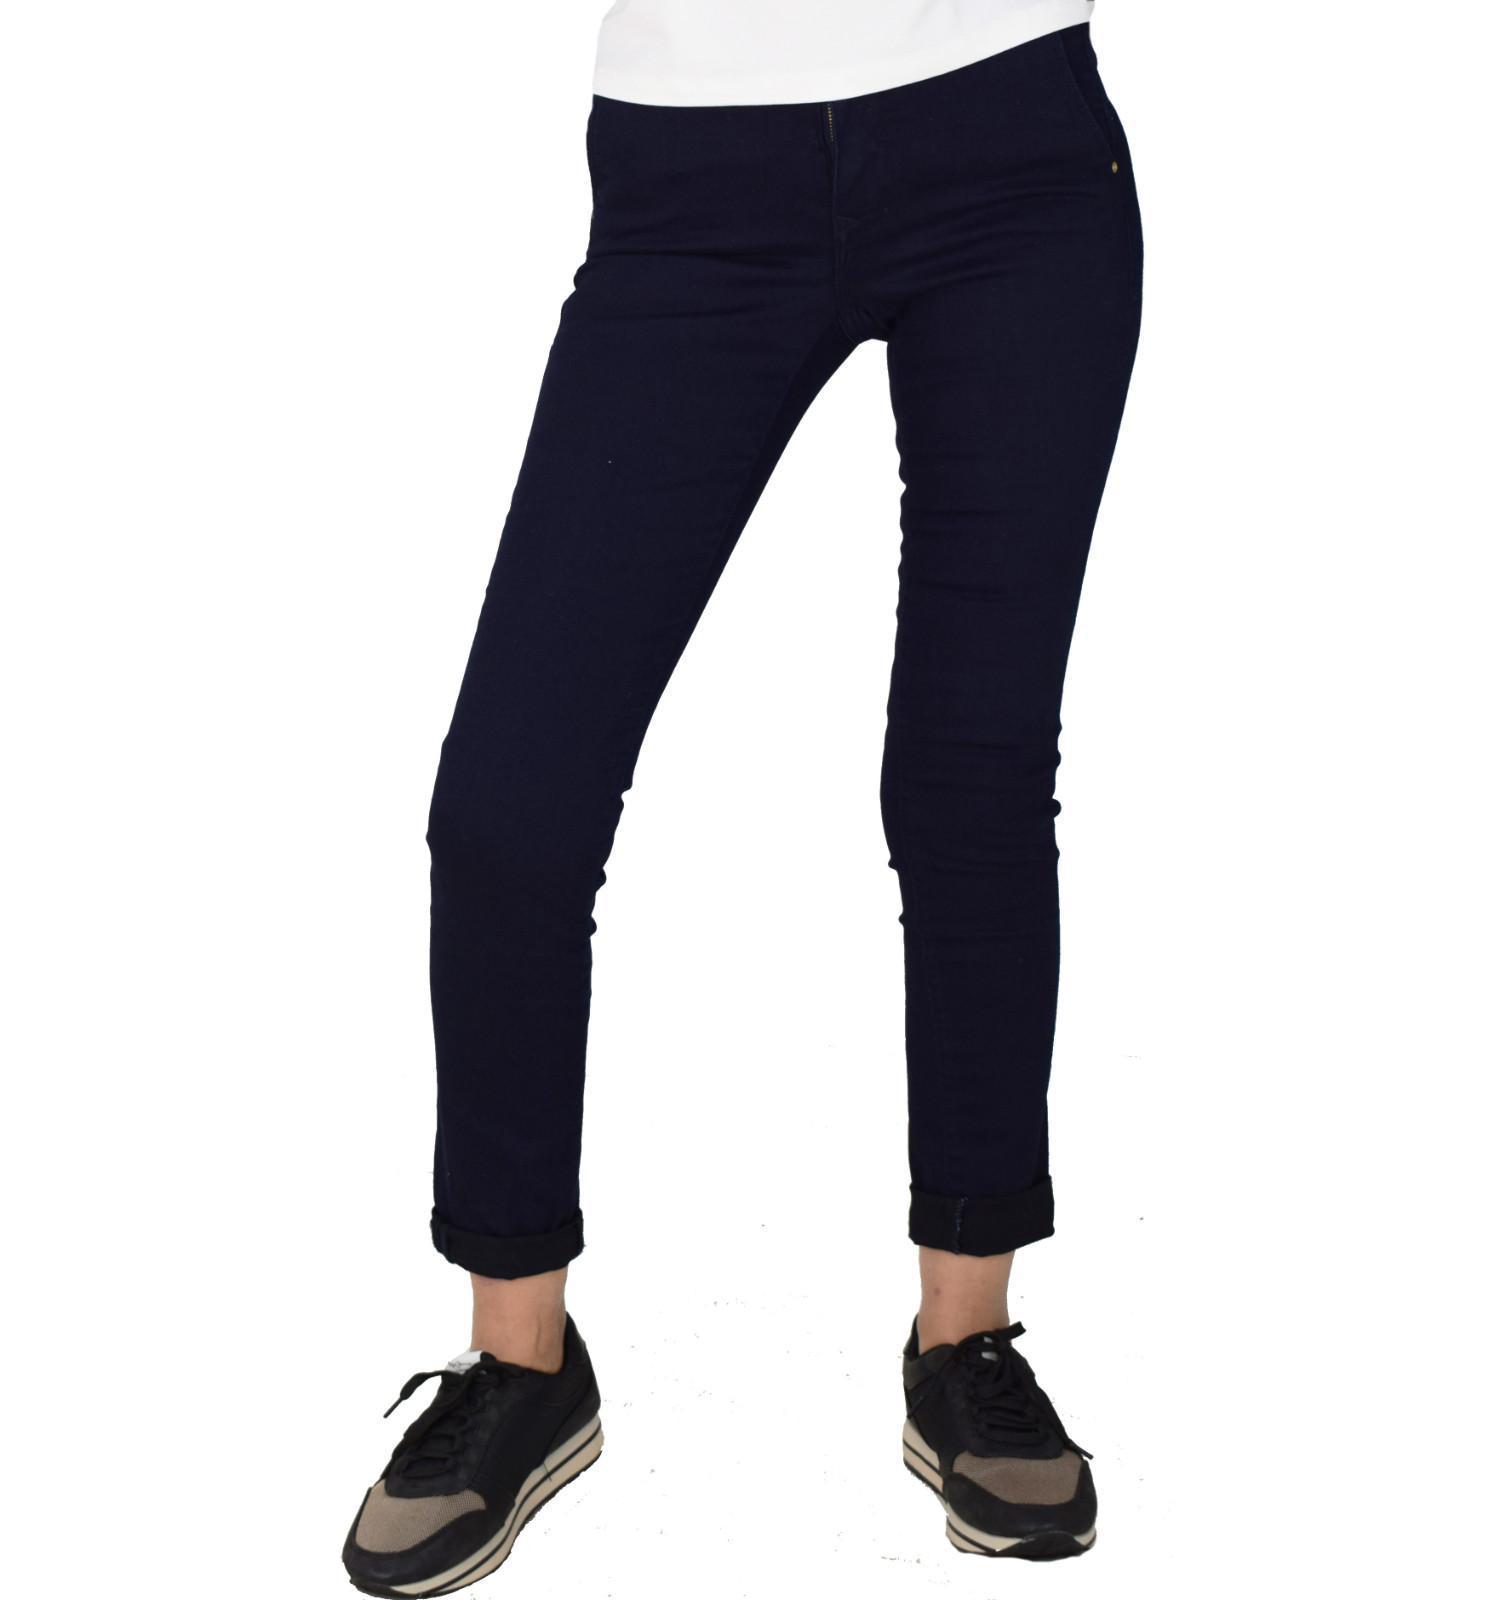 Γυναικείο Παντελόνι Καπαρντίνα Scinn Misha 217 Μπλε  453f54c6fcb